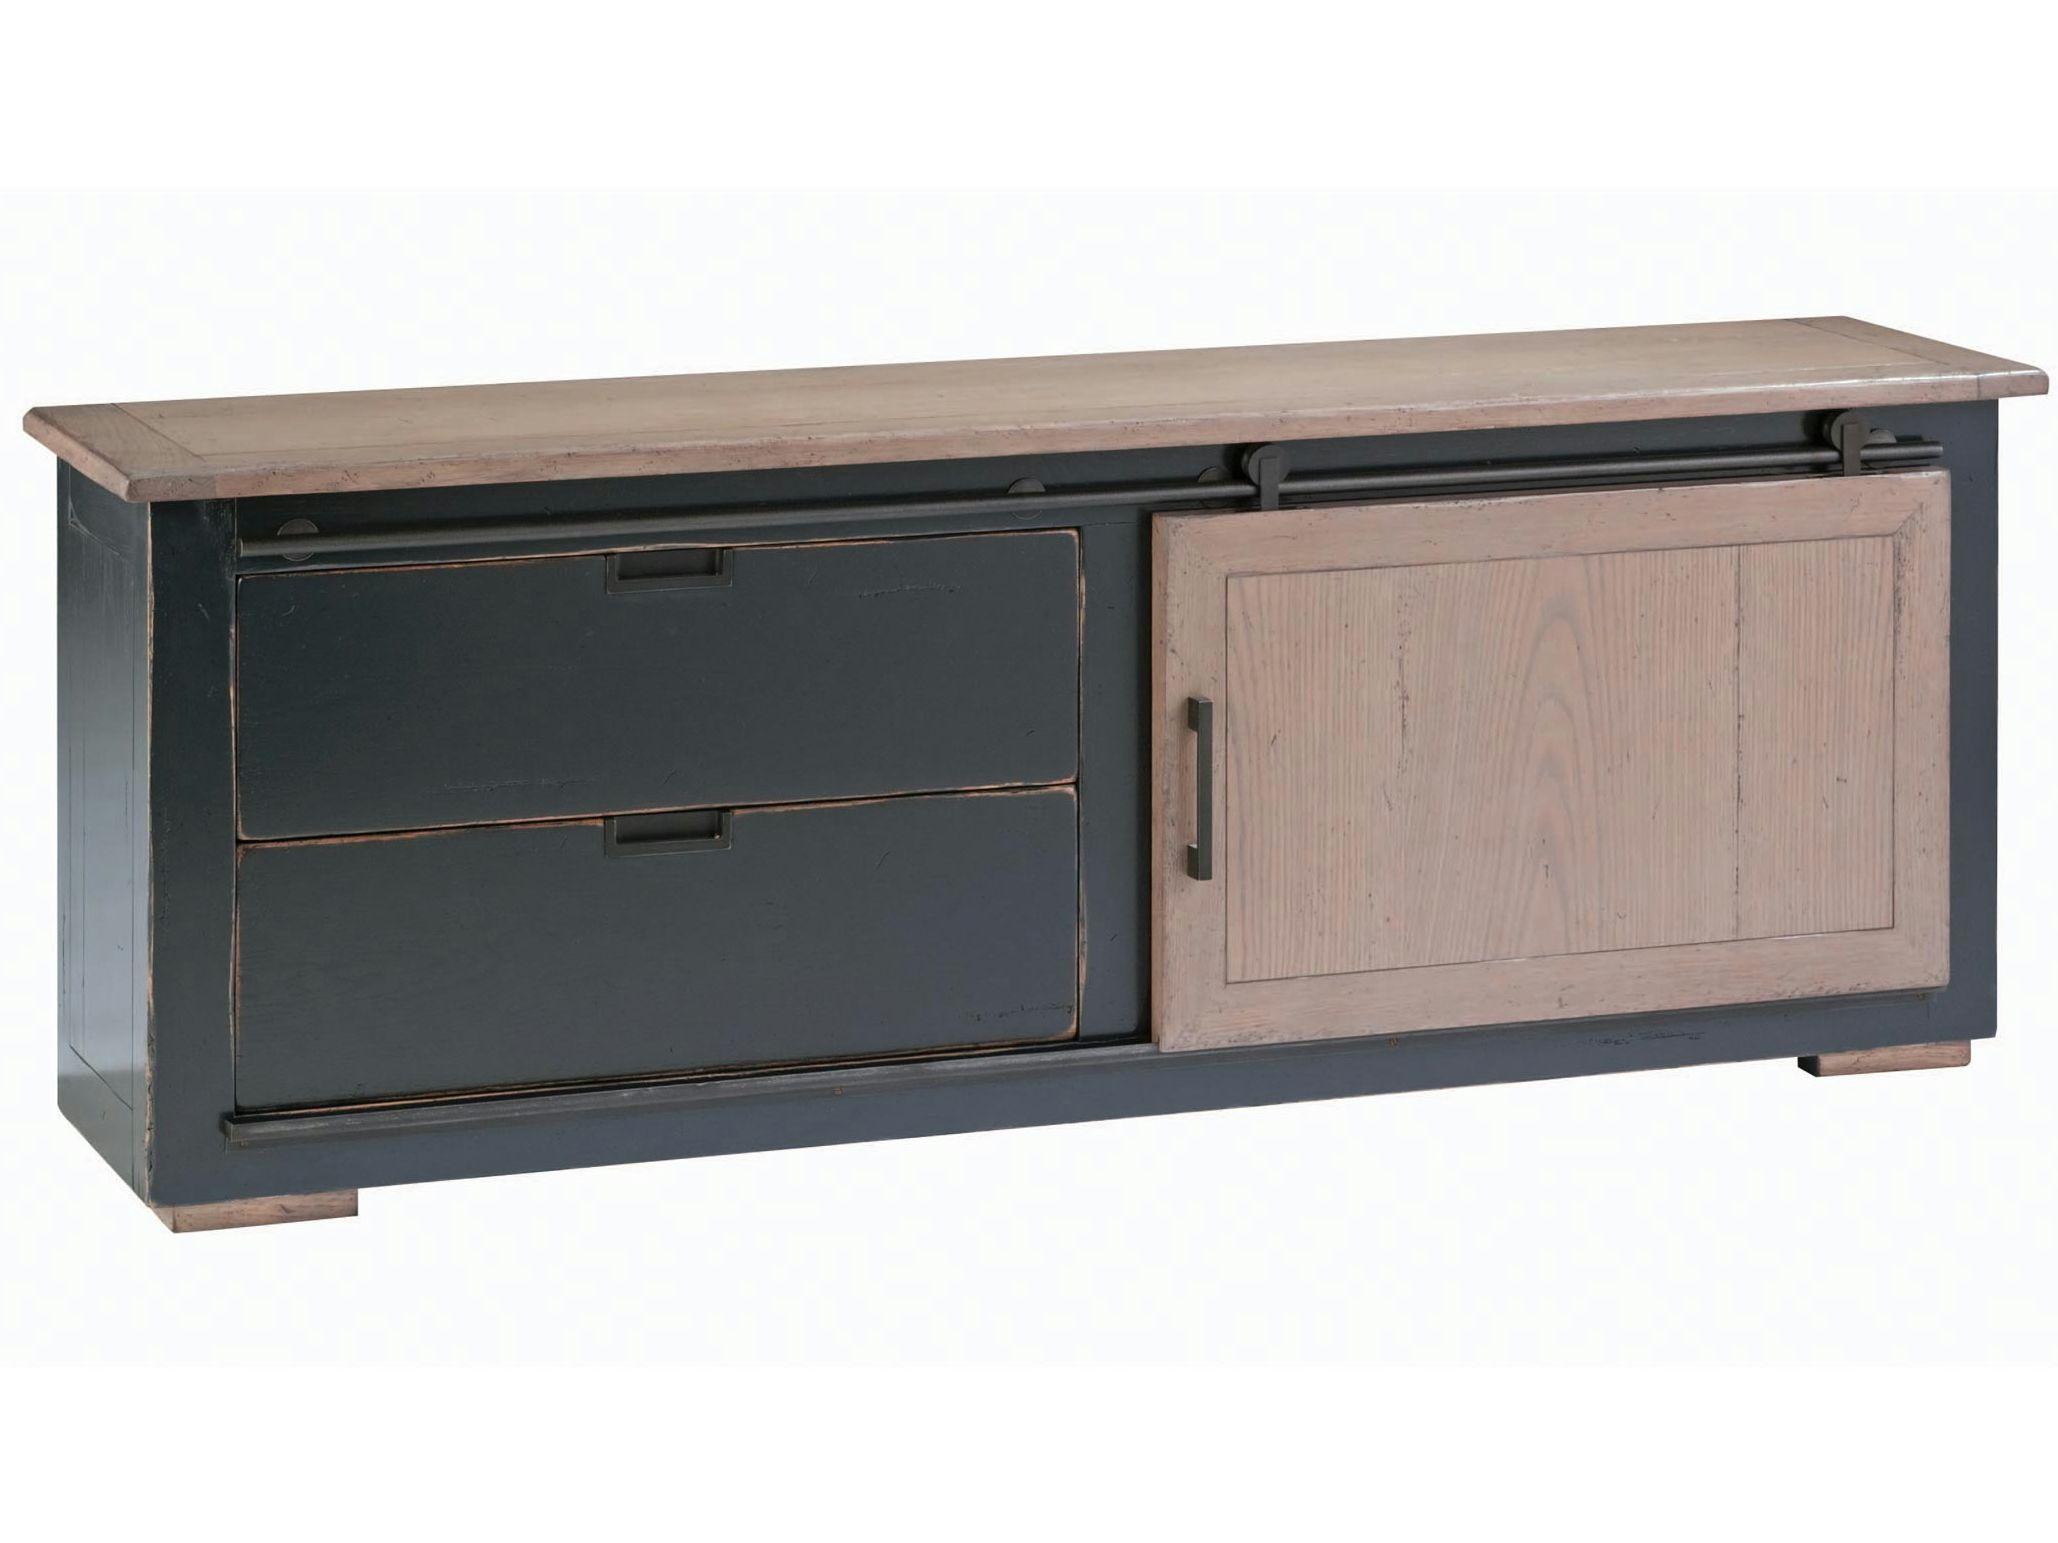 meuble tv en chÊne maxime collection nouveaux classiques by roche ... - Meuble Tv Buffet Design